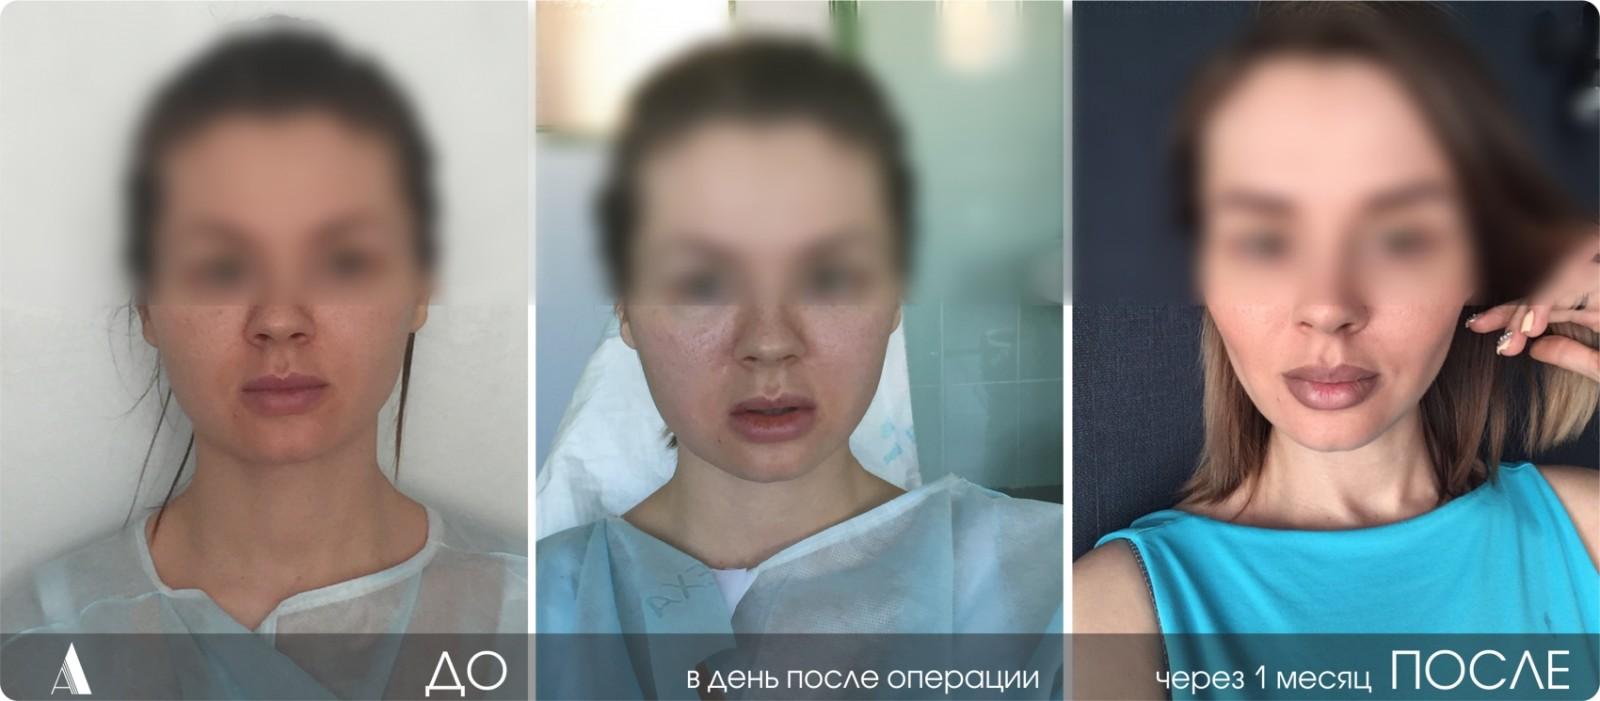 отзывы удаление комков биша фото до и после